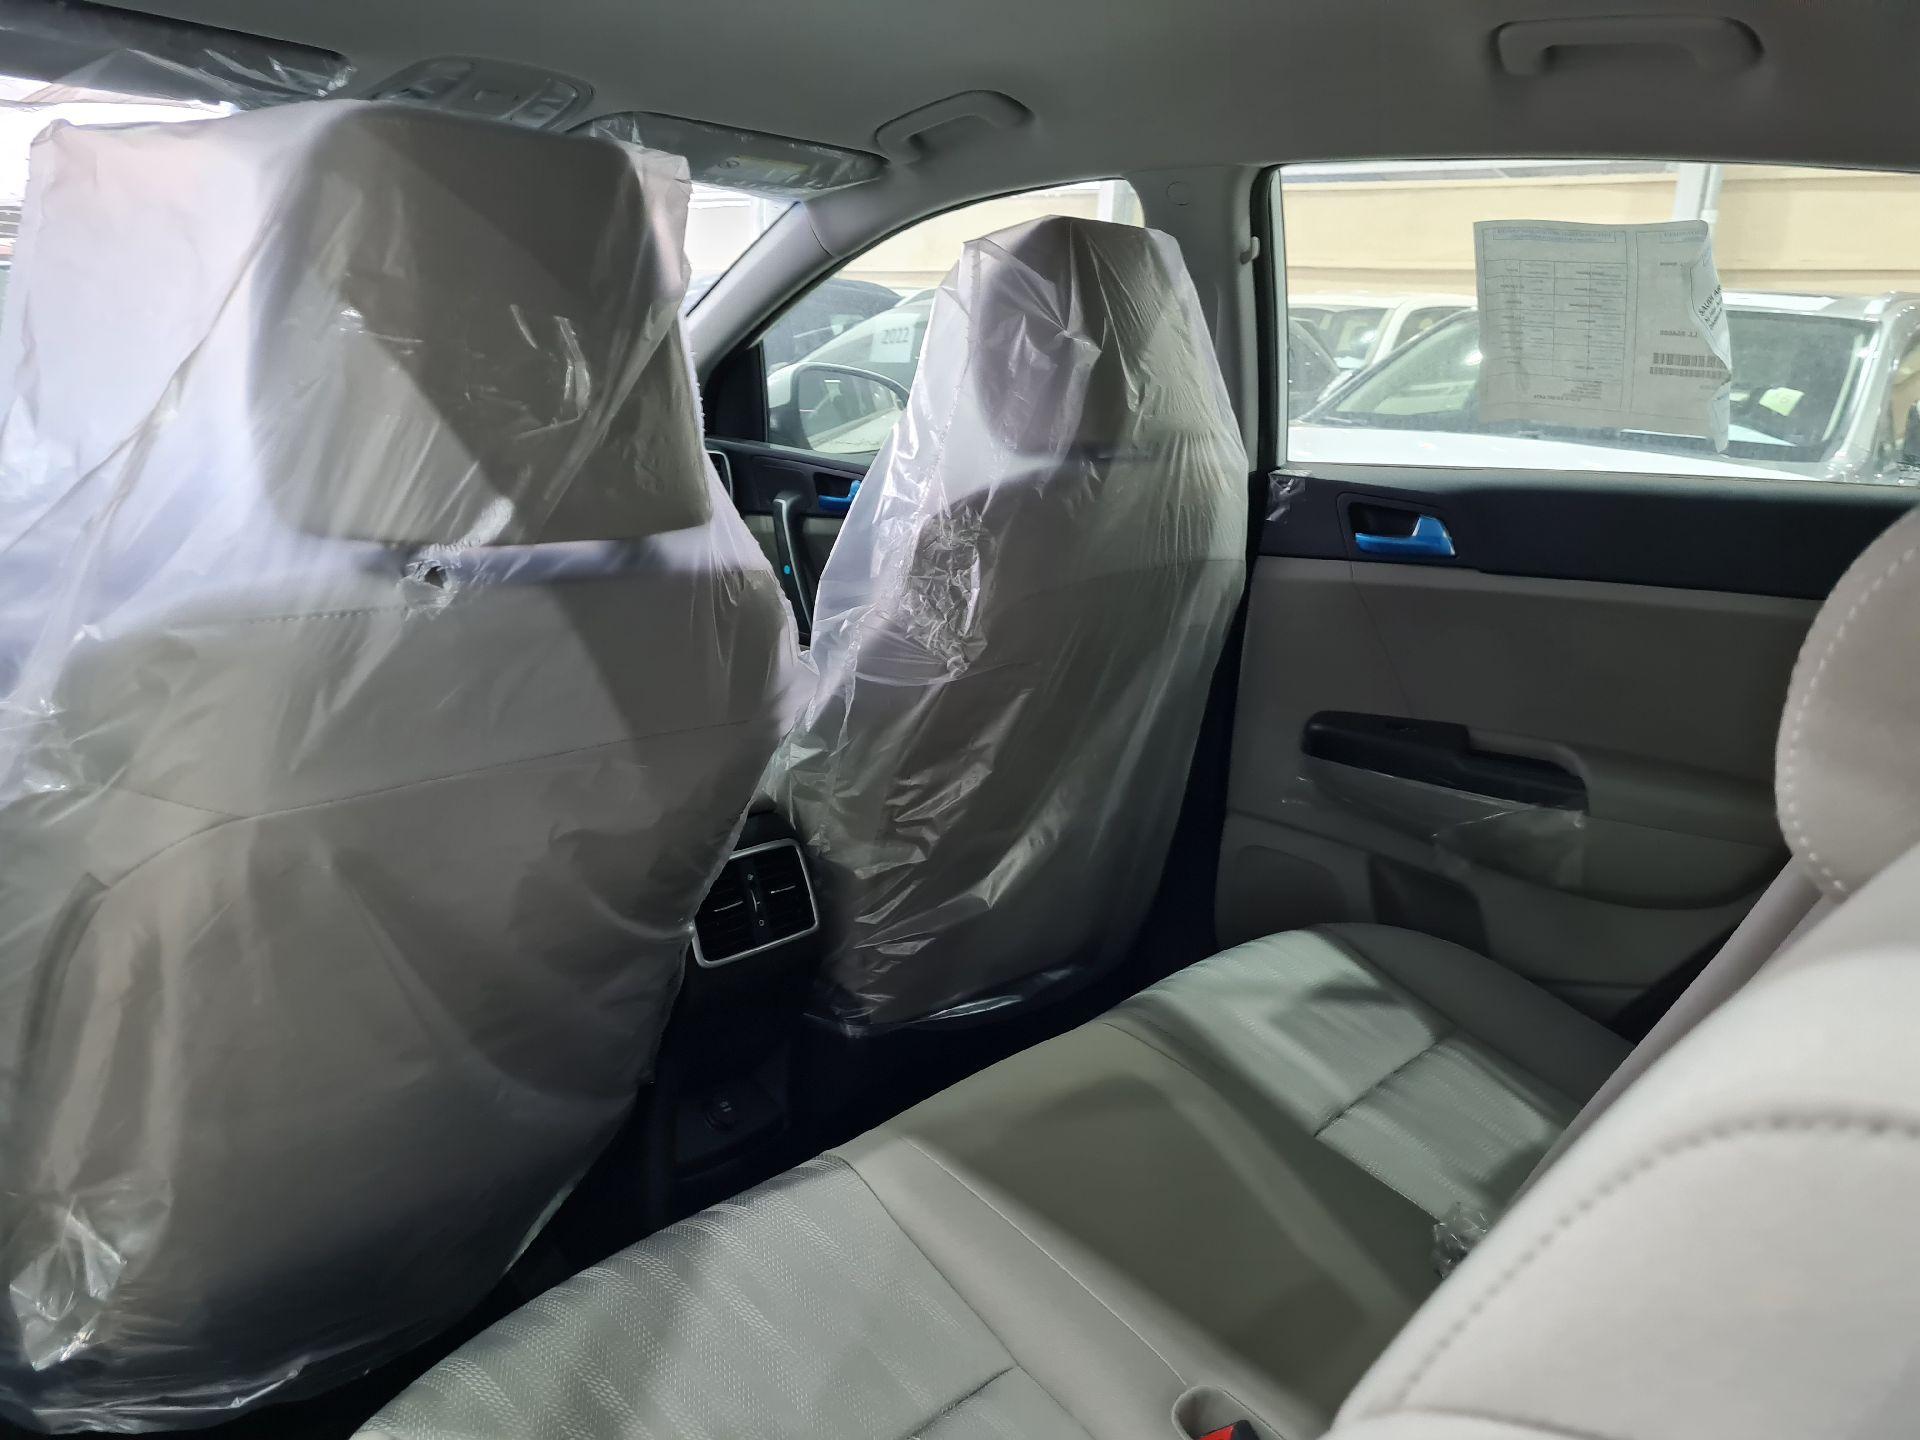 كيا سبورتاج 2020 ستاندر سعودي جديد للبيع في الرياض - السعودية - صورة كبيرة - 10